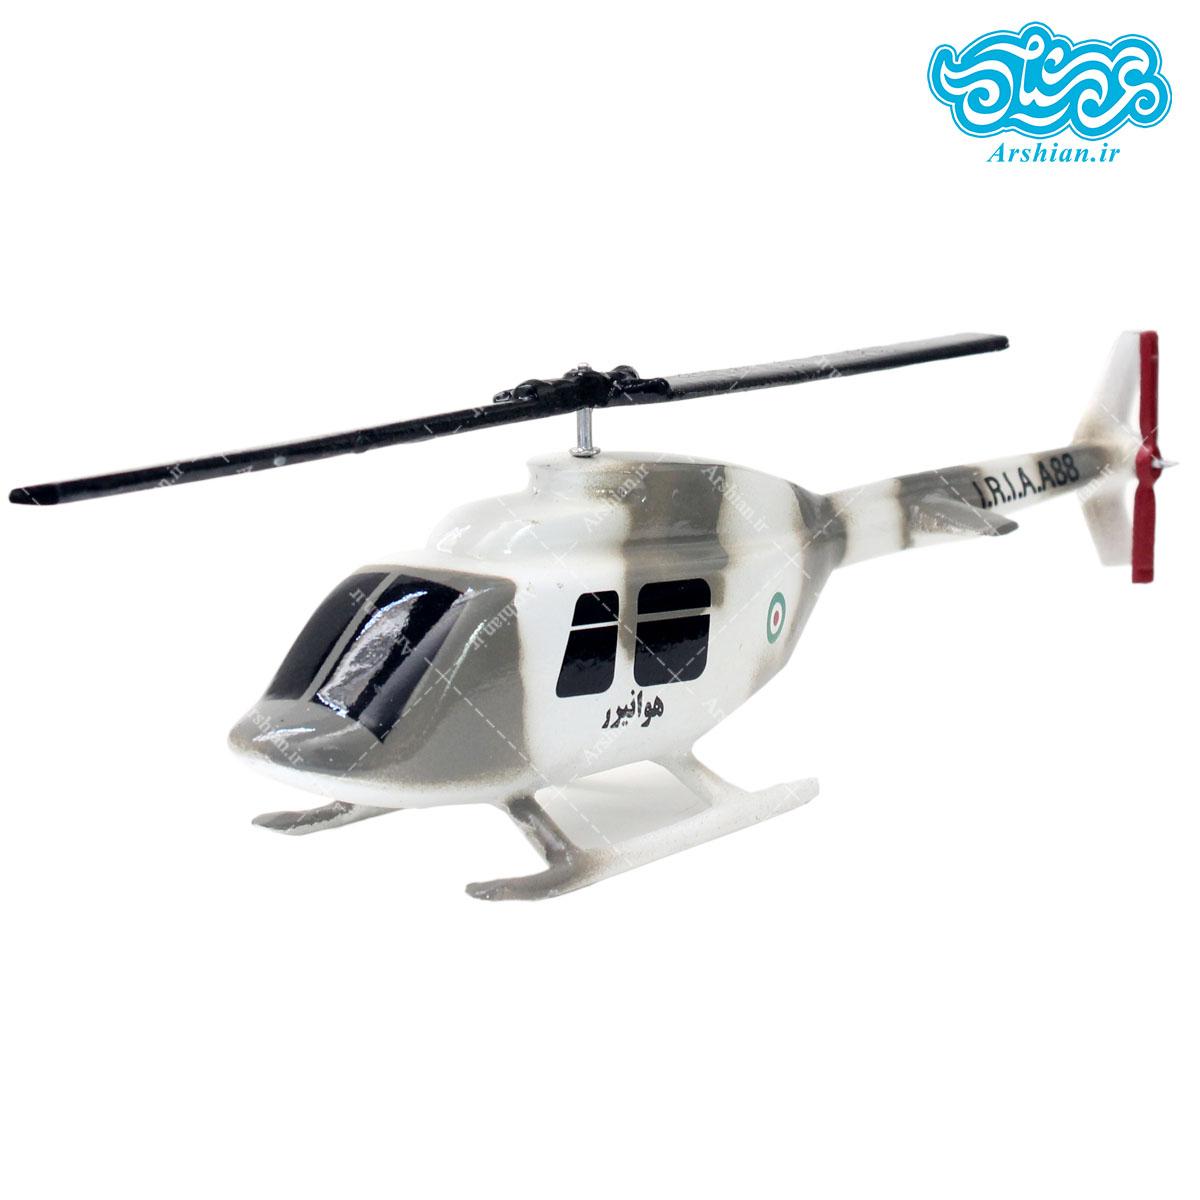 ماکت بالگرد 206 بل نظامی خاکستری